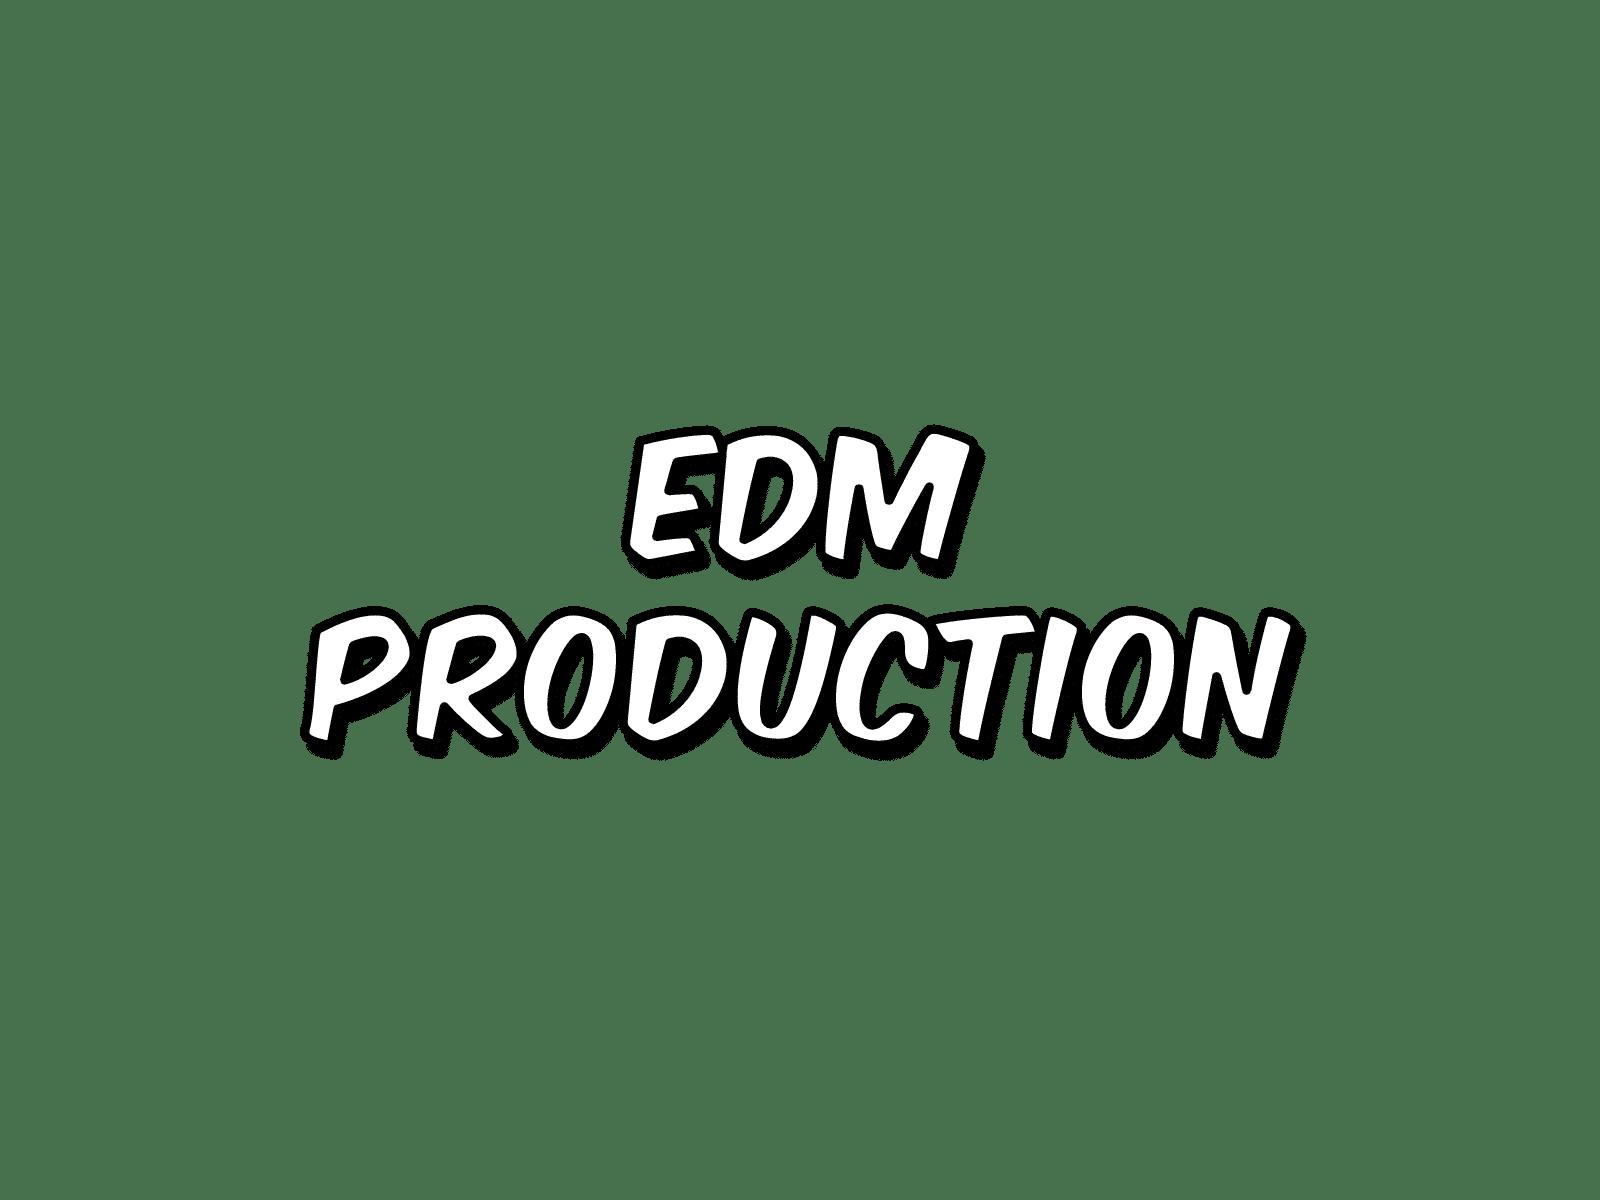 EDM Production